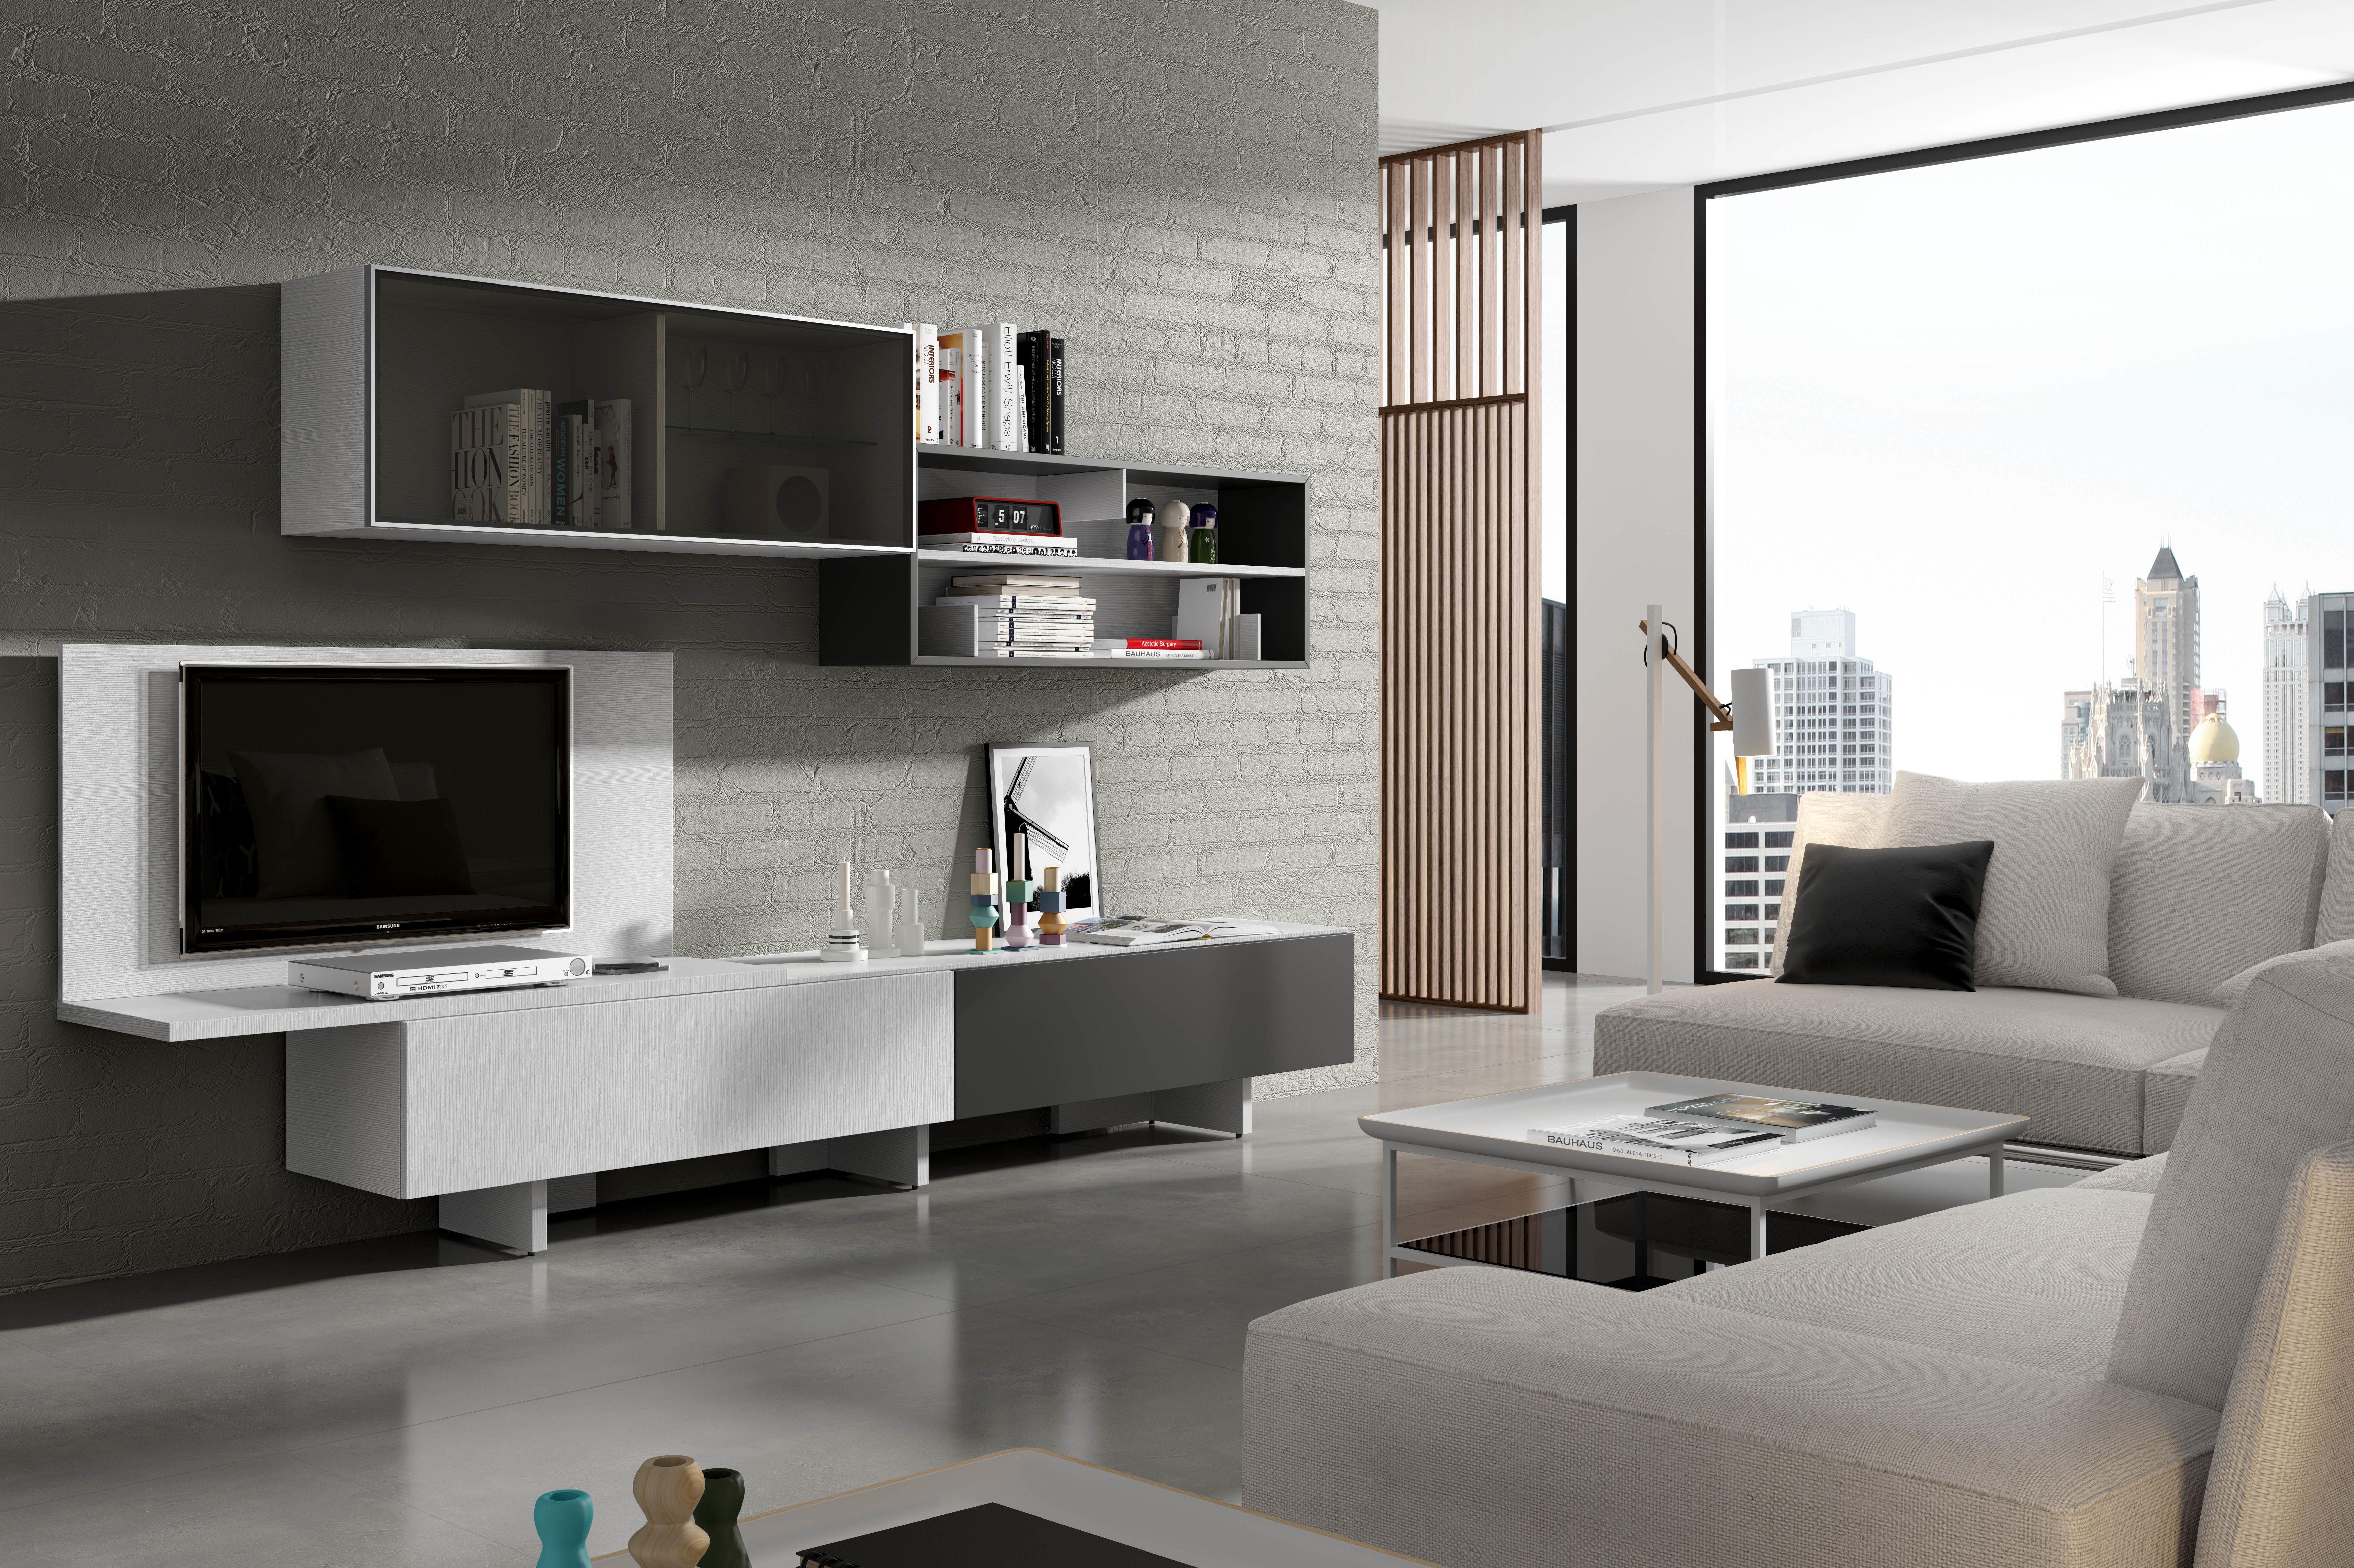 Muebles melibel salones cat logo de muebles y sof s de for Muebles y complementos